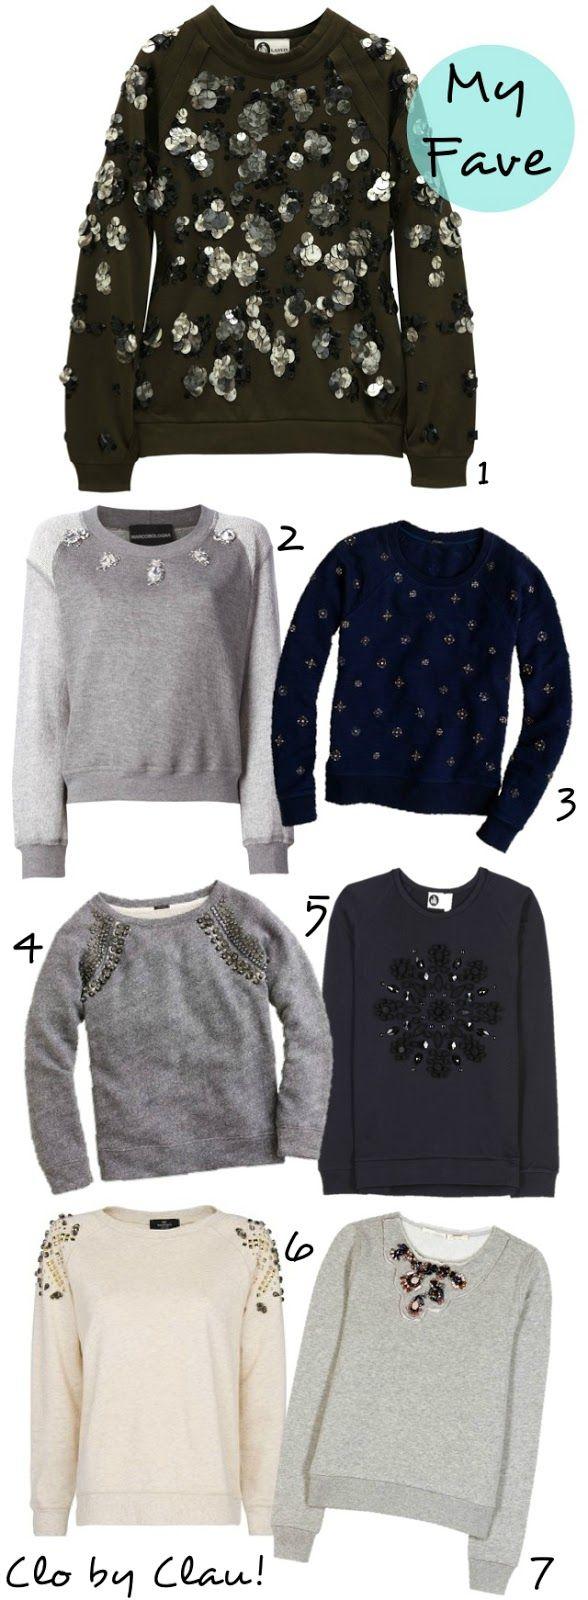 Clo By Clau!: DIY Ideas: Embellished Sweatshirt - Sudaderas con Aplicaciones